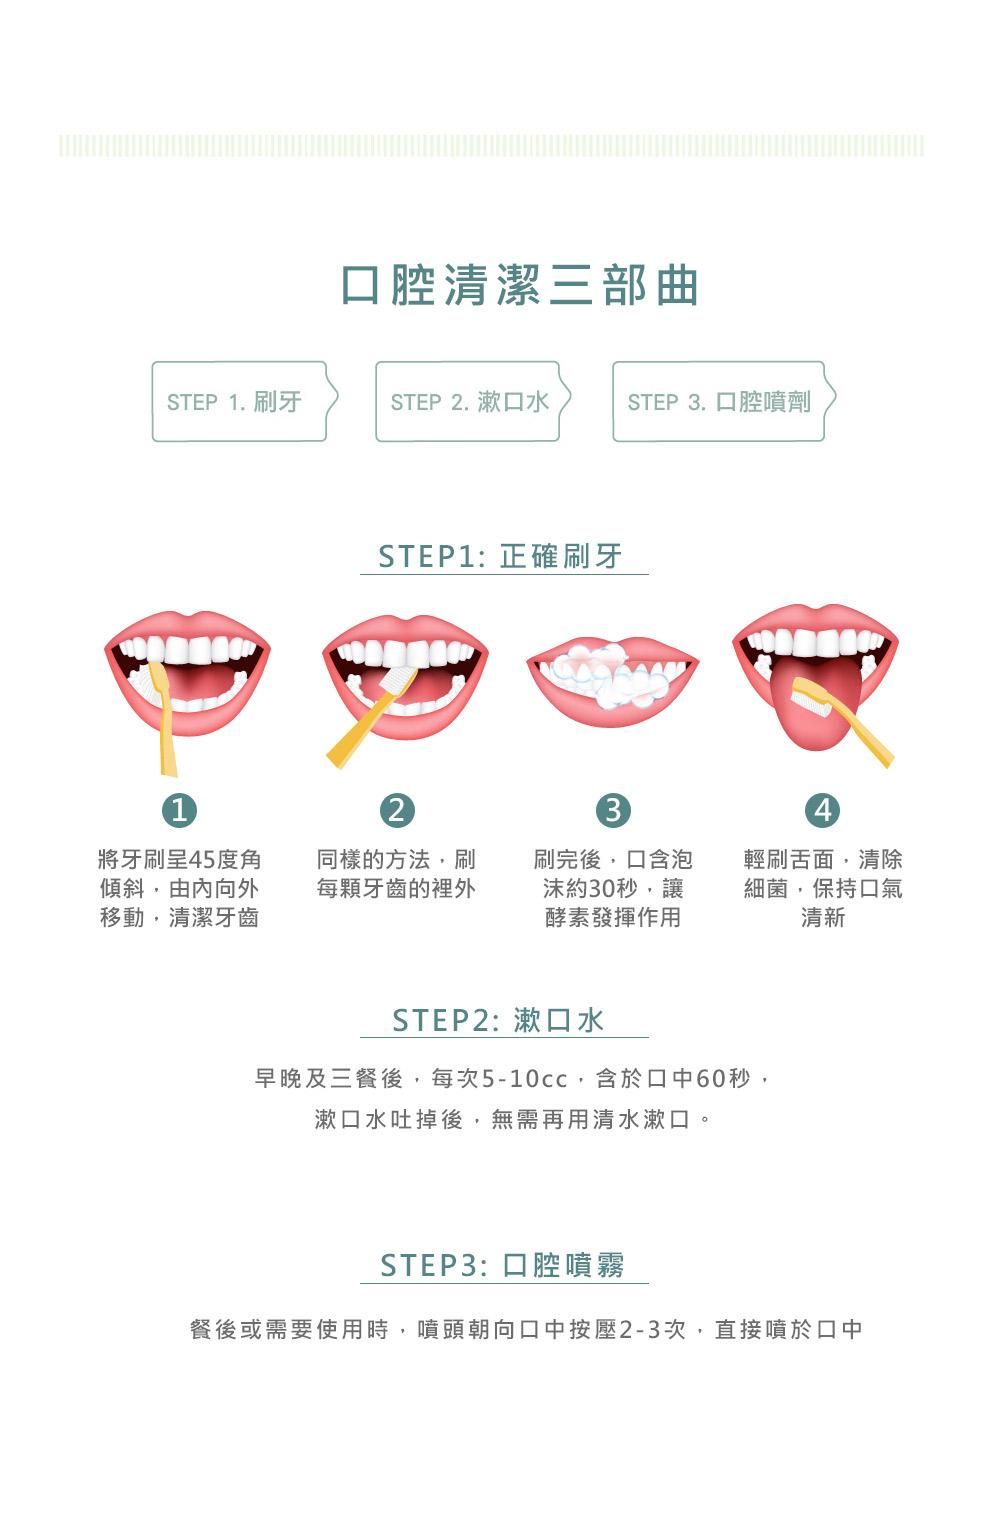 醣活力口腔清潔三步驟:酵素牙膏,酵素漱口水,酵素口腔噴霧